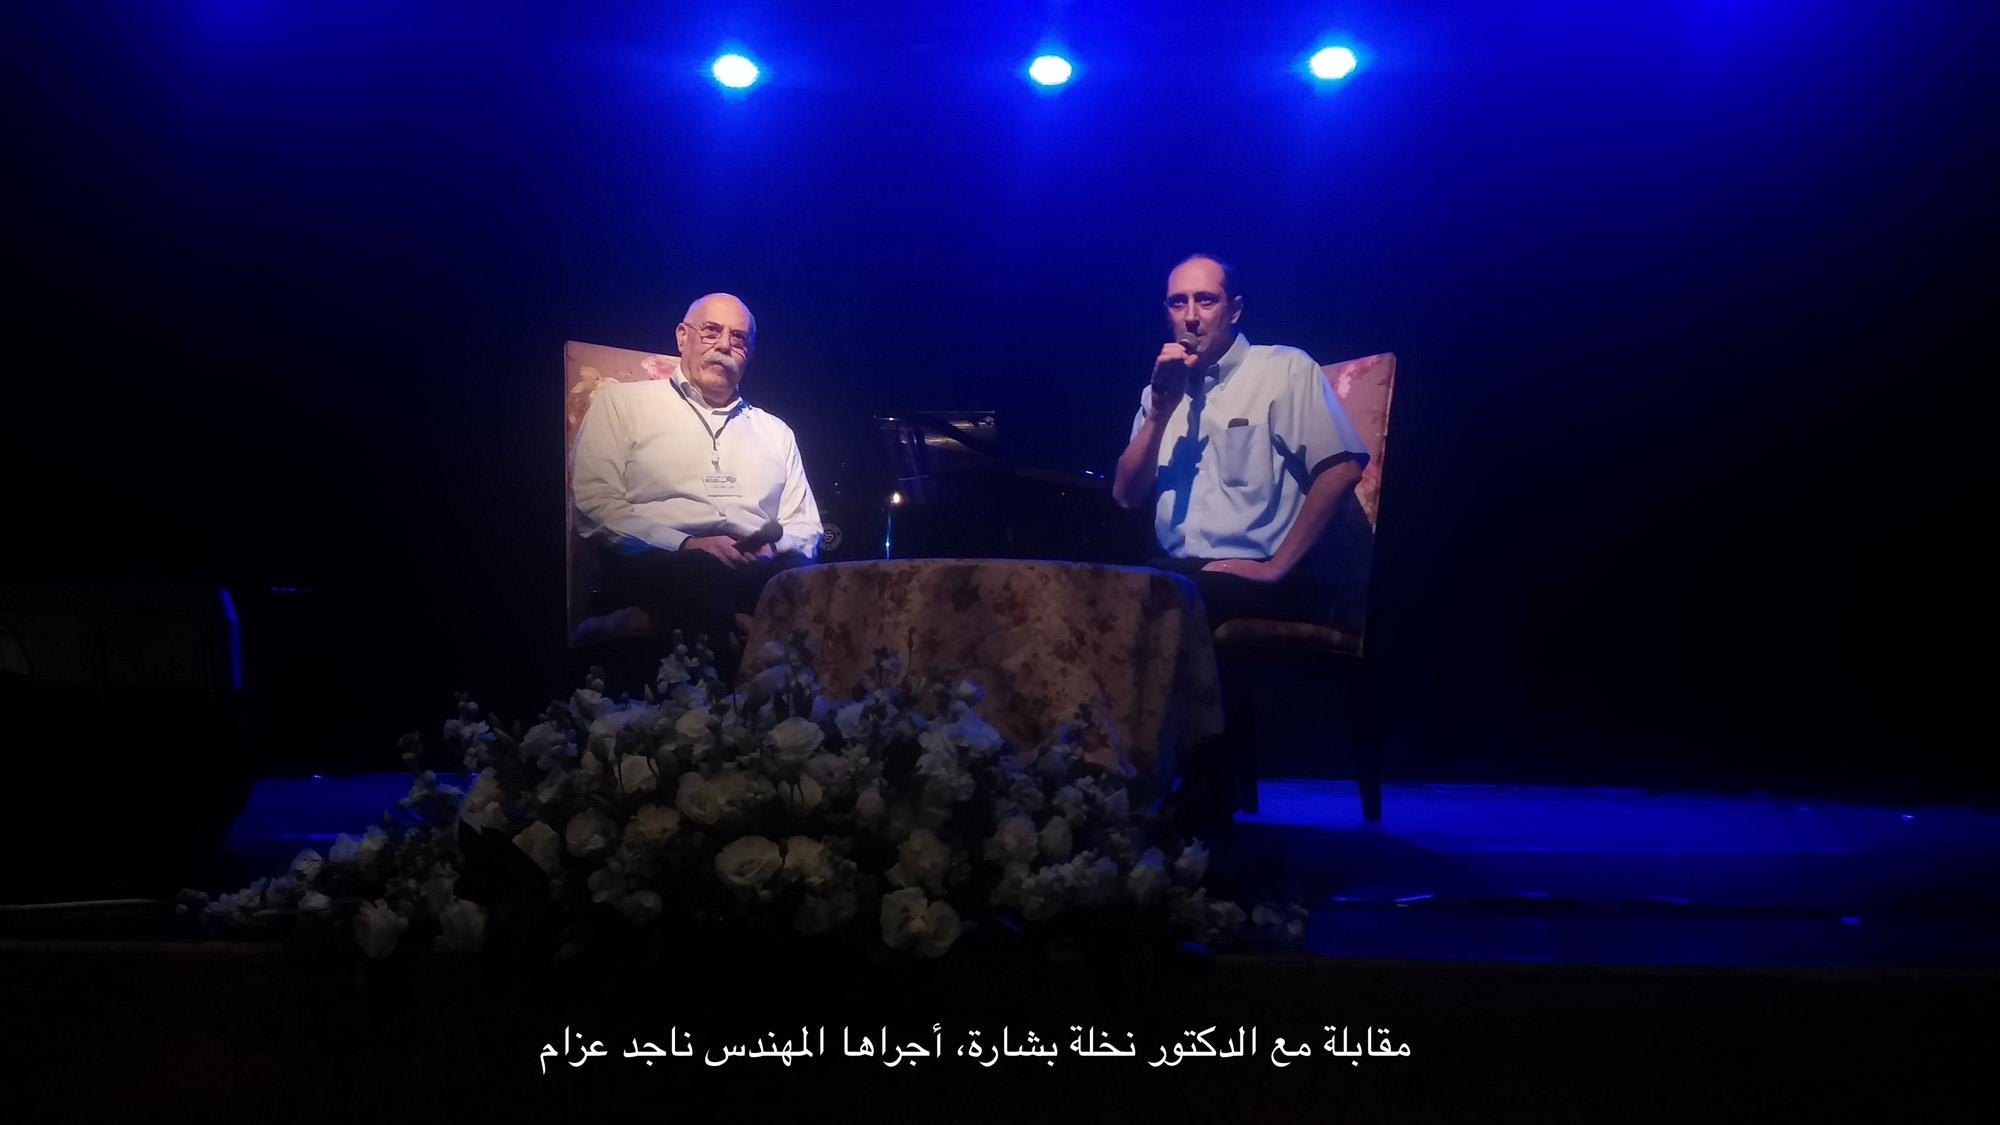 المهندس ناجد عزام يحاور الدكتور نخلة بشارة